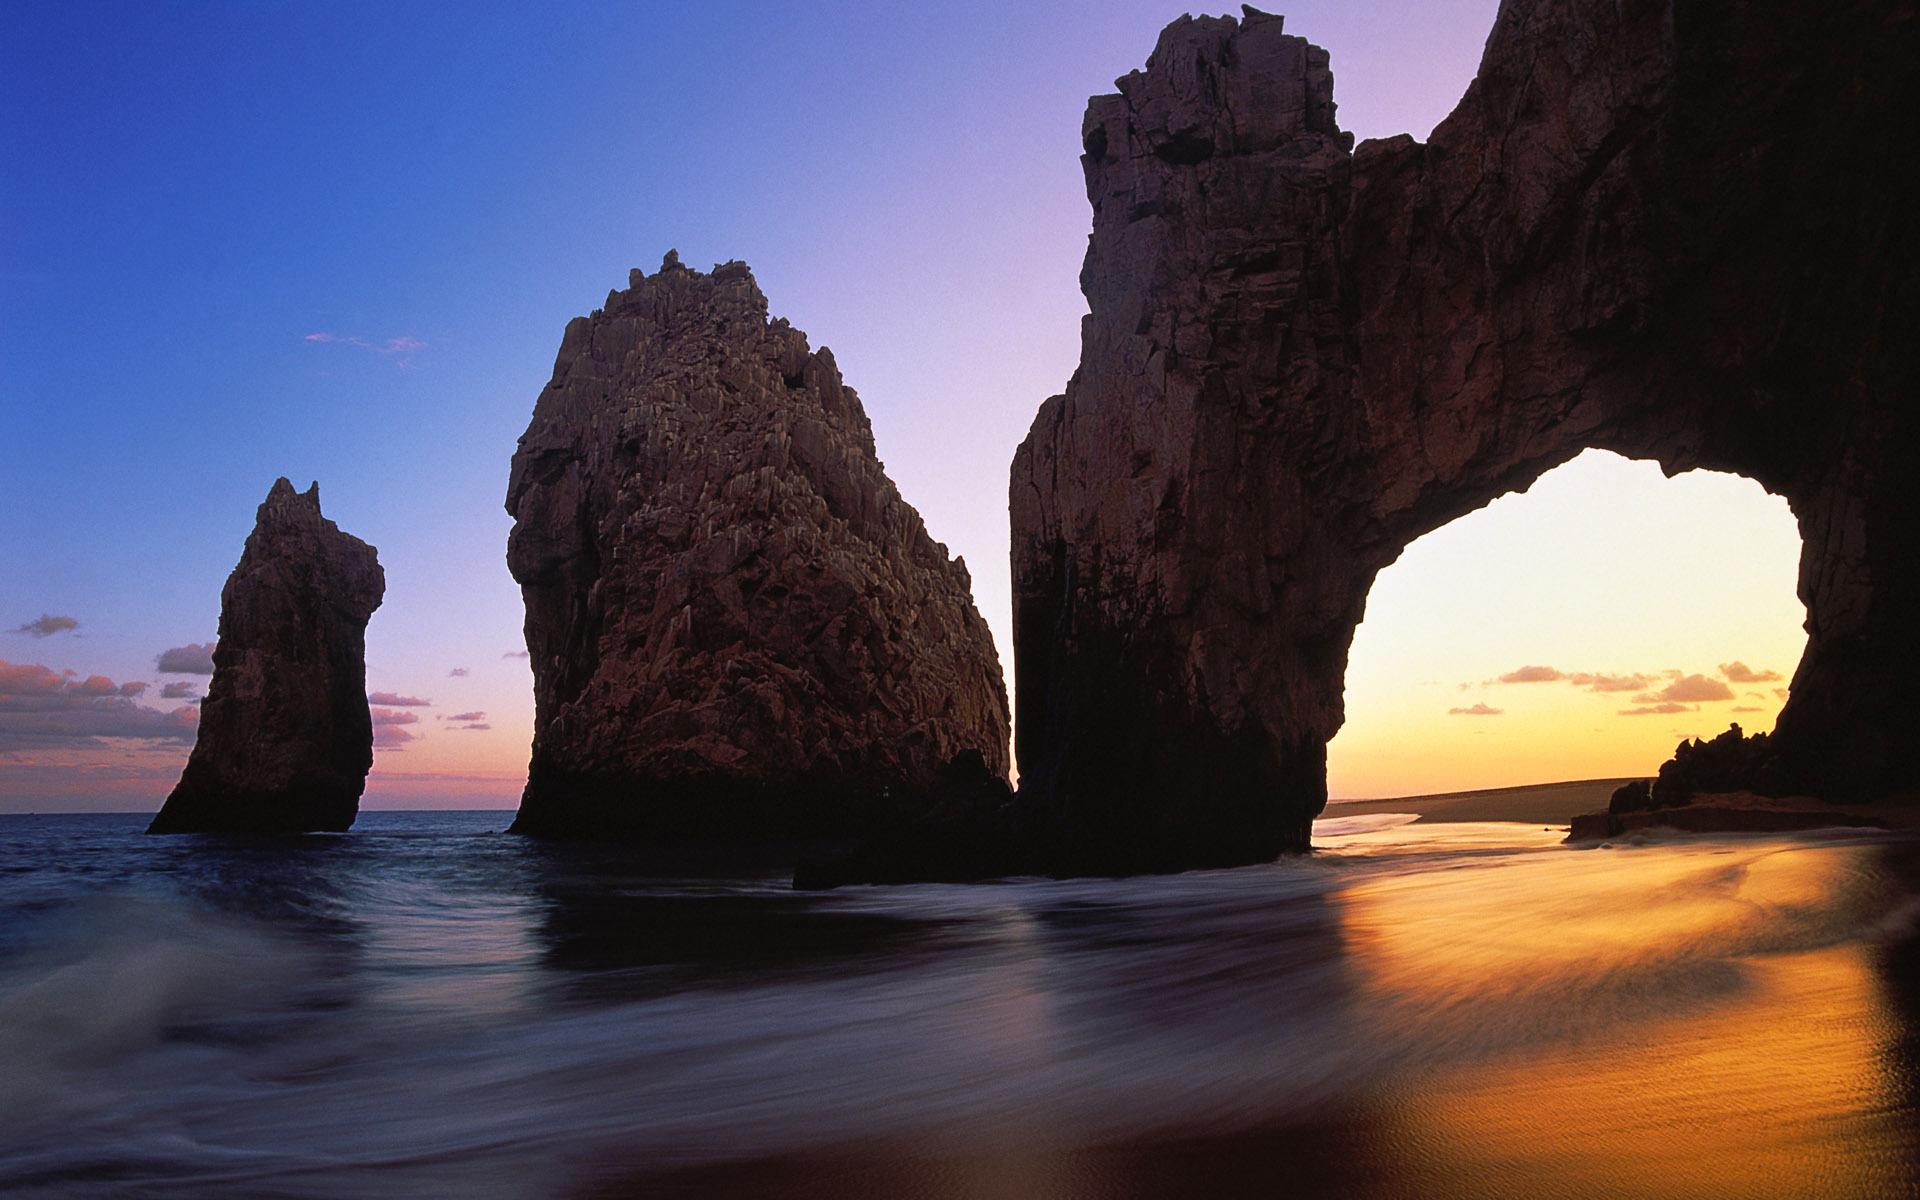 горы природа море скалы пейзаж бесплатно